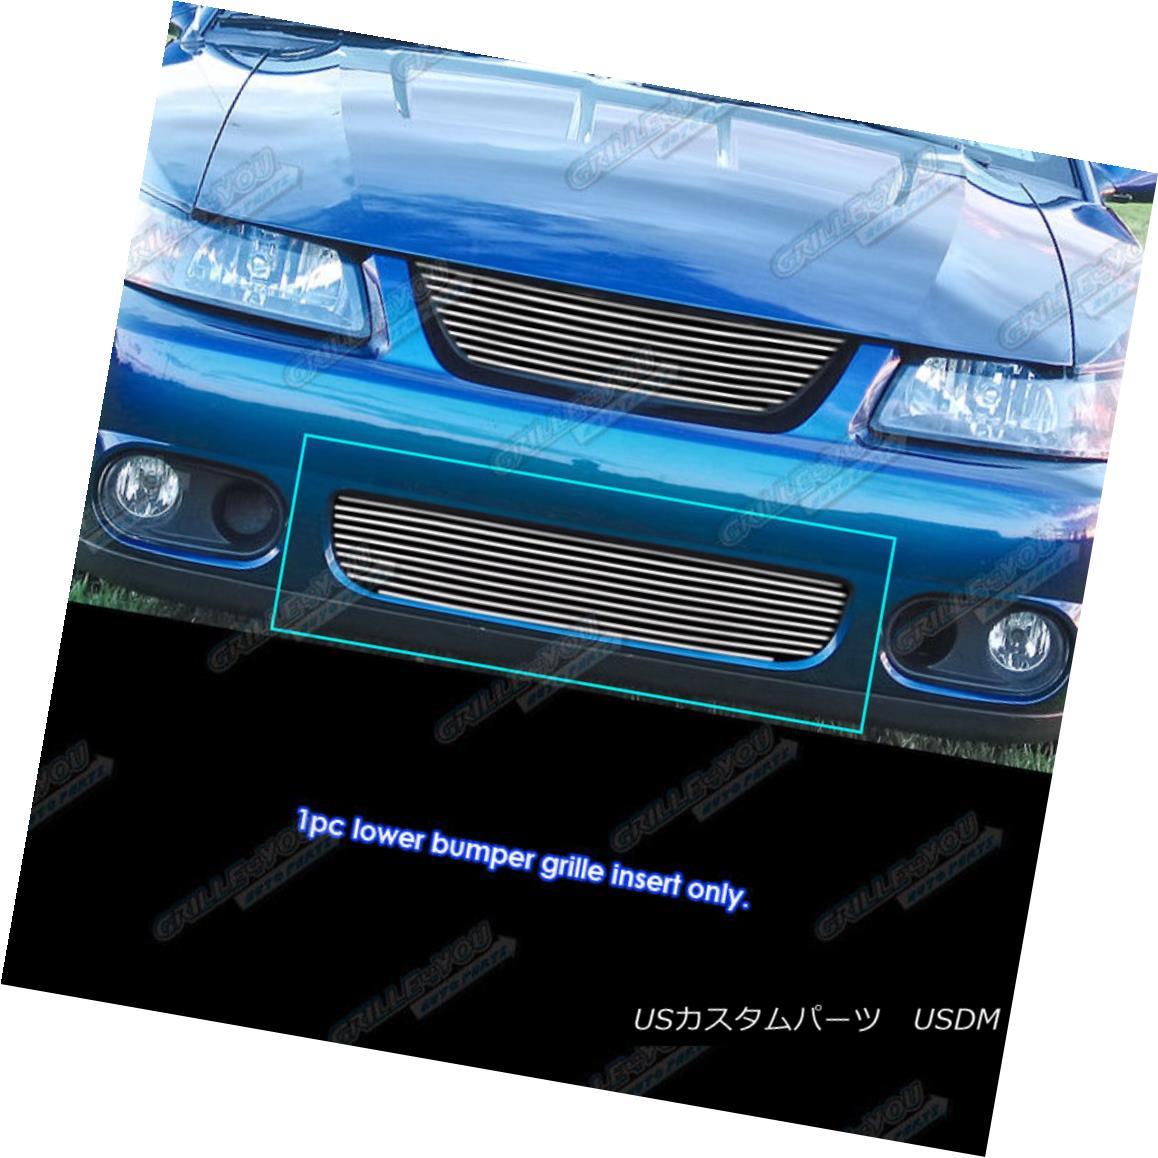 グリル Fits 2003-2004 Ford Mustang SVT Cobra Lower Bumper Billet Grille Insert フィット2003-2004フォードマスタングSVTコブラロワーバンパービレットグリルインサート